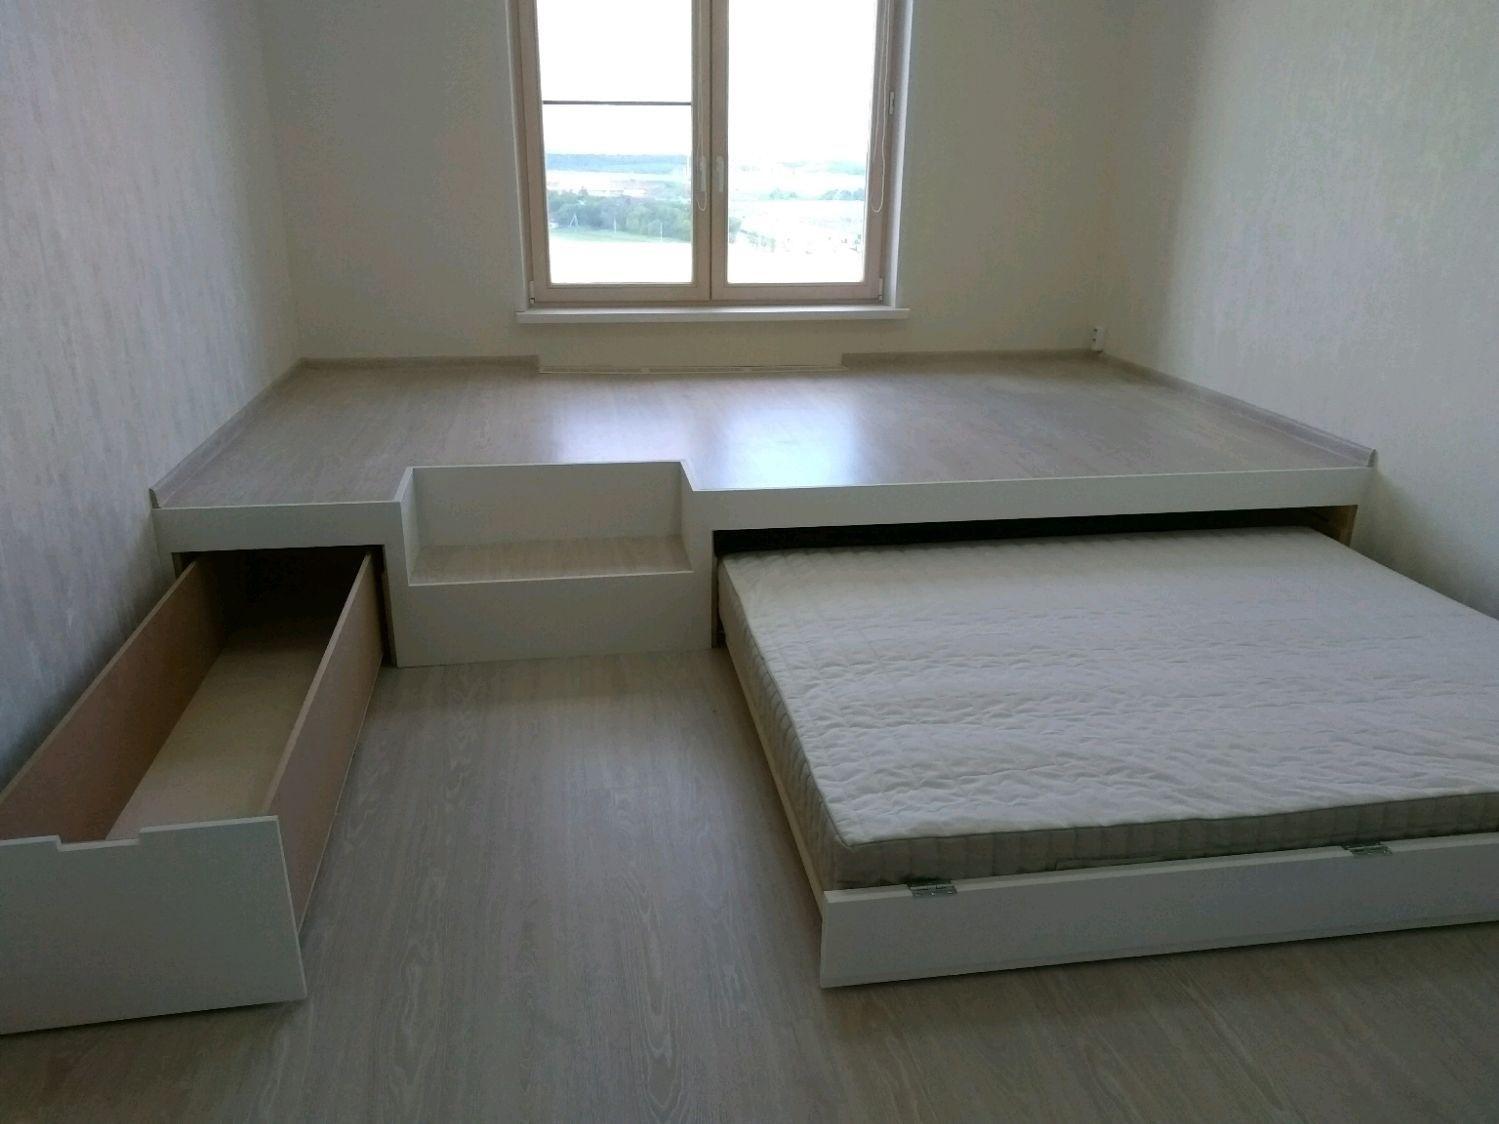 кровать подиум возвышение